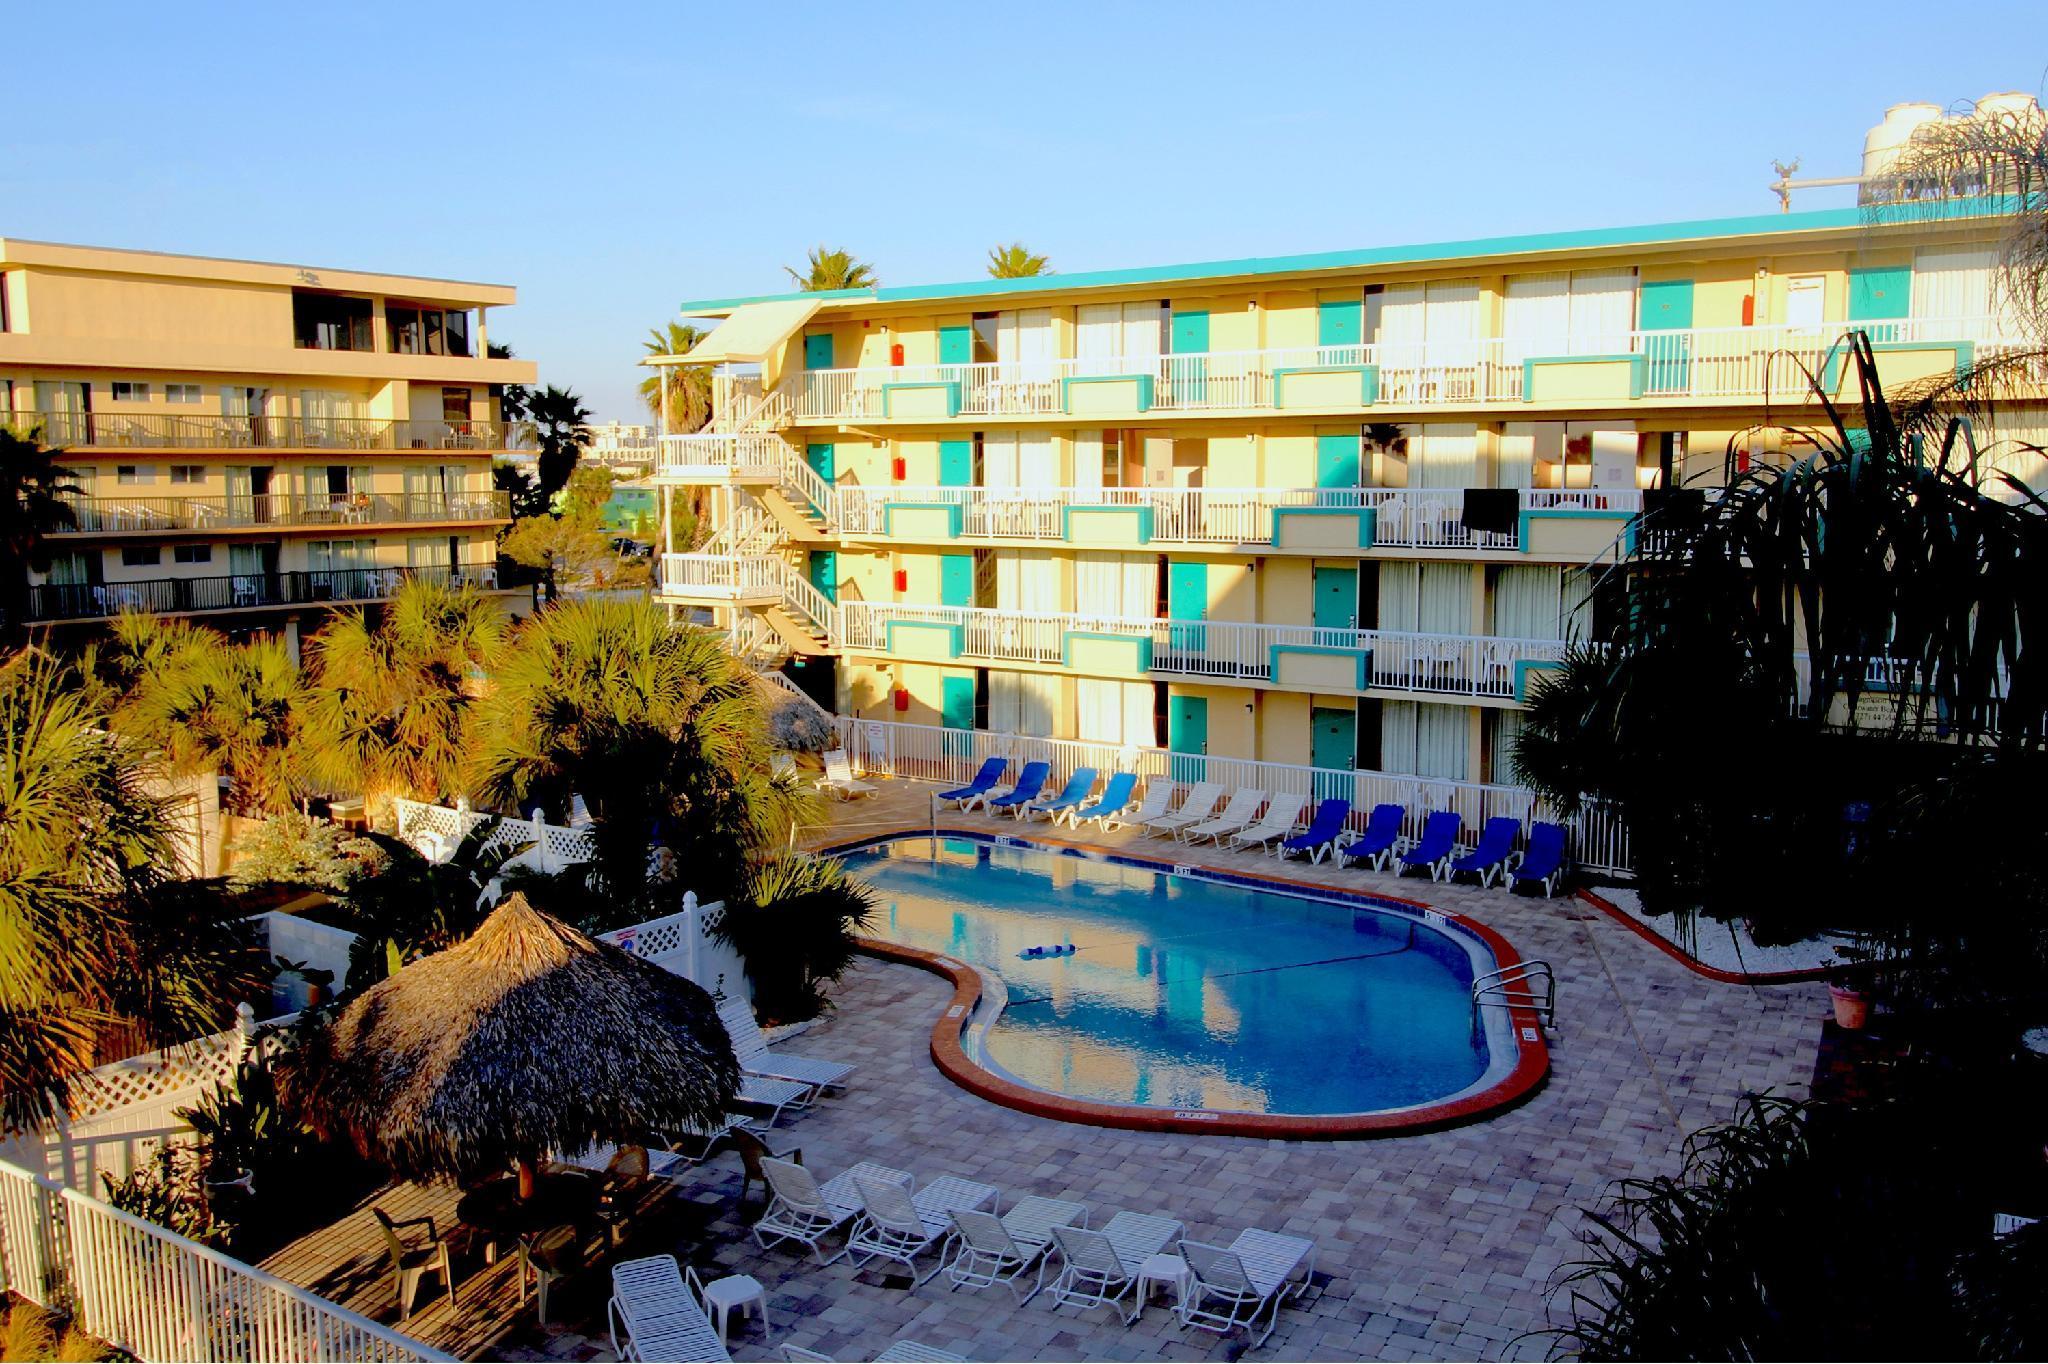 Seaside Inn And Suites